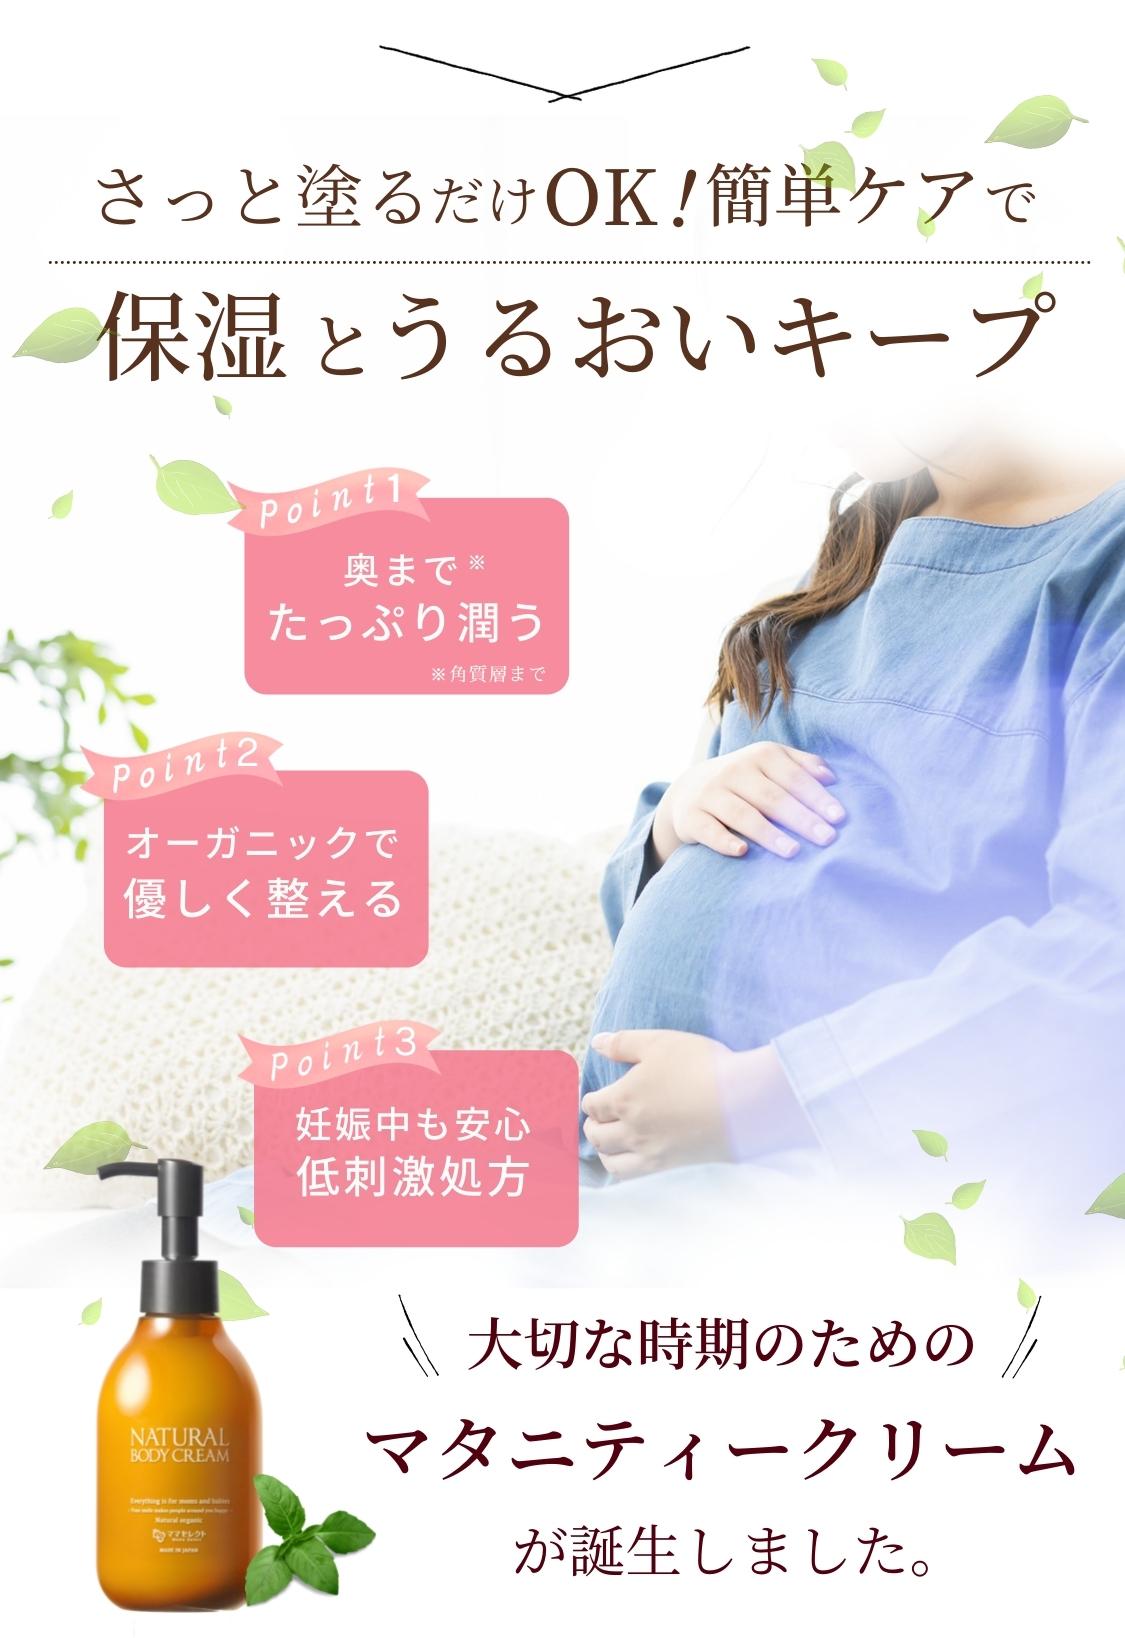 簡単ケアで保湿とうるおいキープ オーガニックで優しく整える 妊娠中も安心低刺激処方 マタニティークリーム